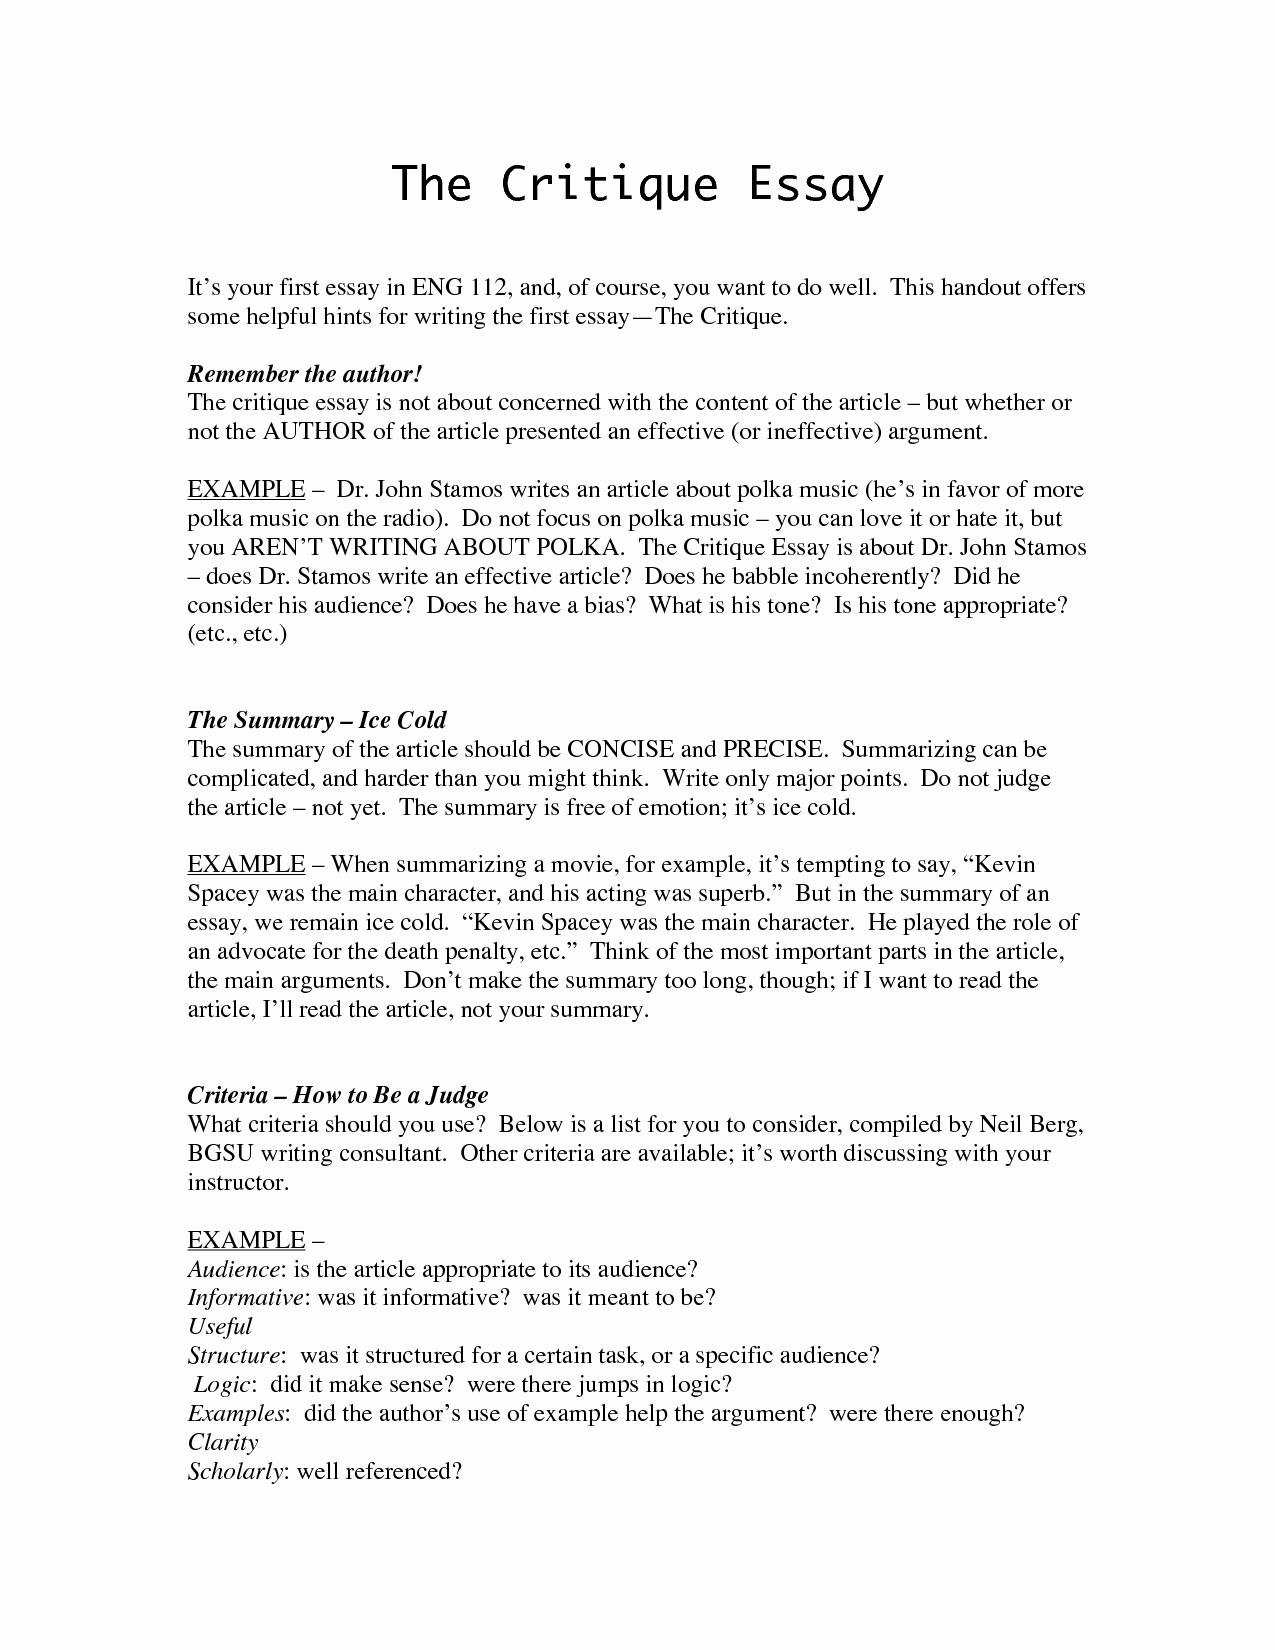 Art Institute Essay Example New 54 Critique Essay Critical Evaluation Essay Examples